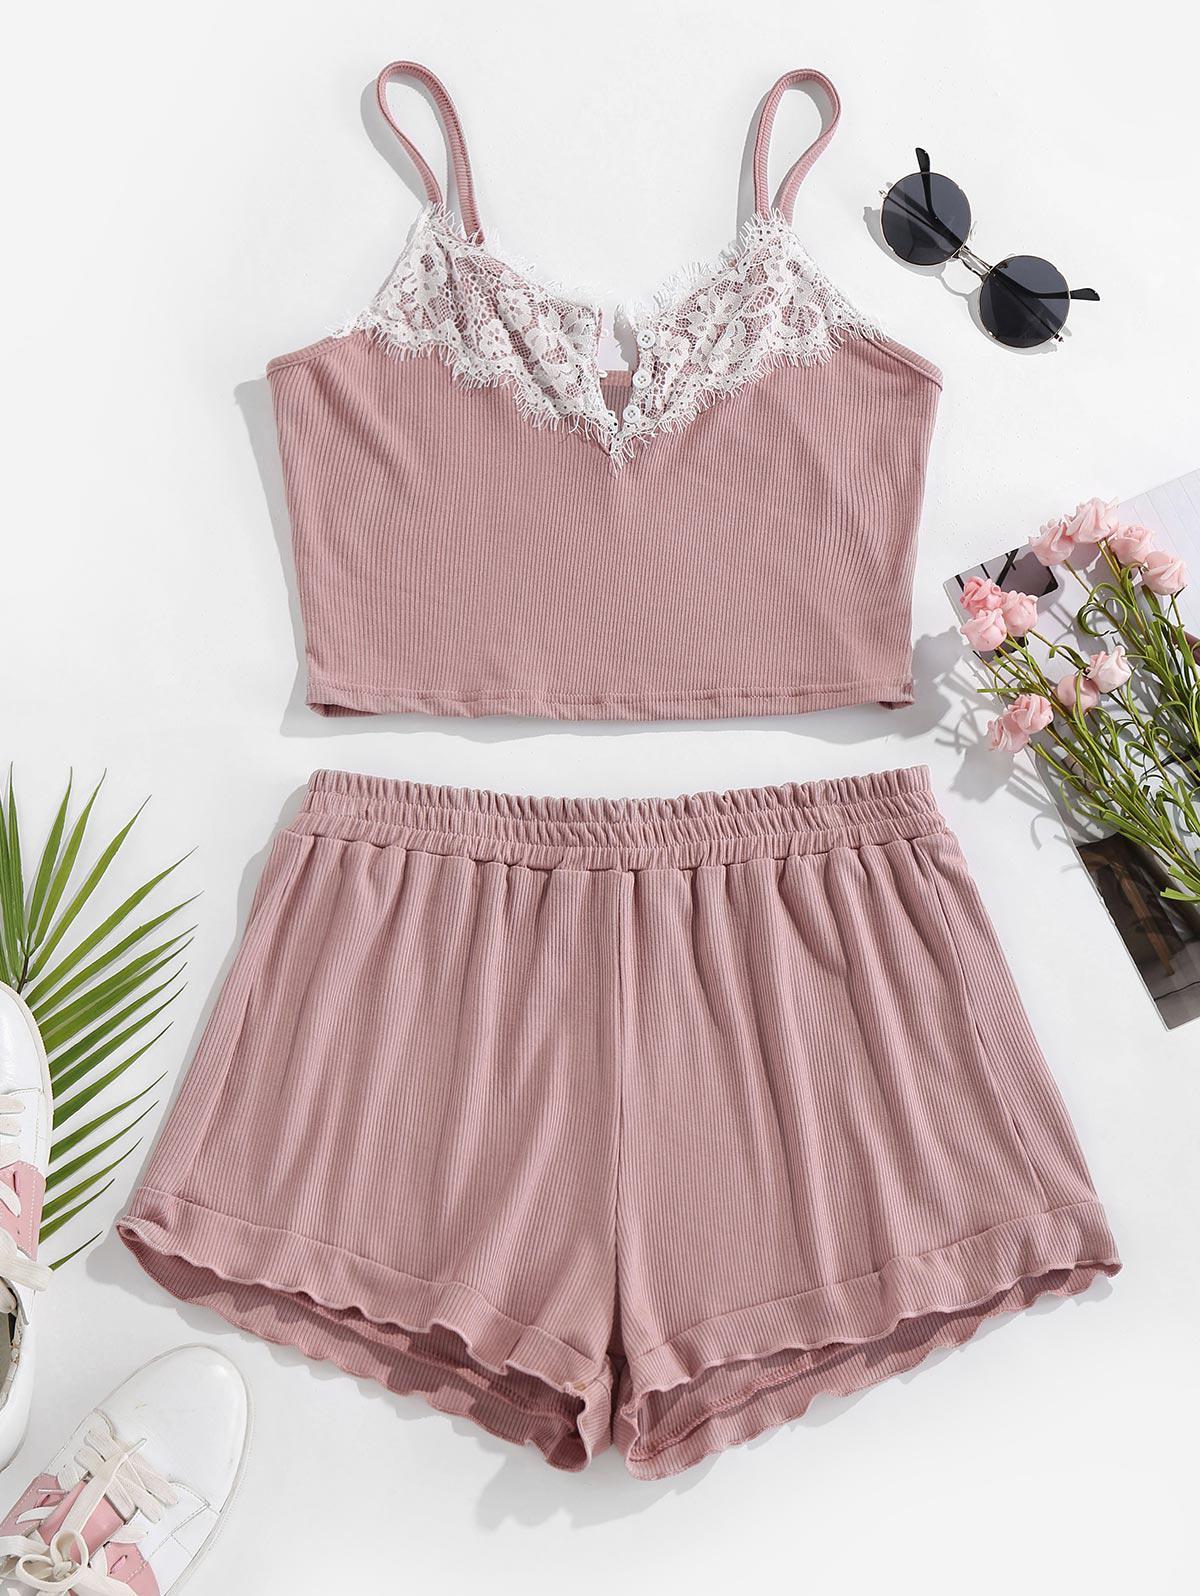 ZAFUL Lettuce Trim Eyelash Lace Shorts Pajama Set